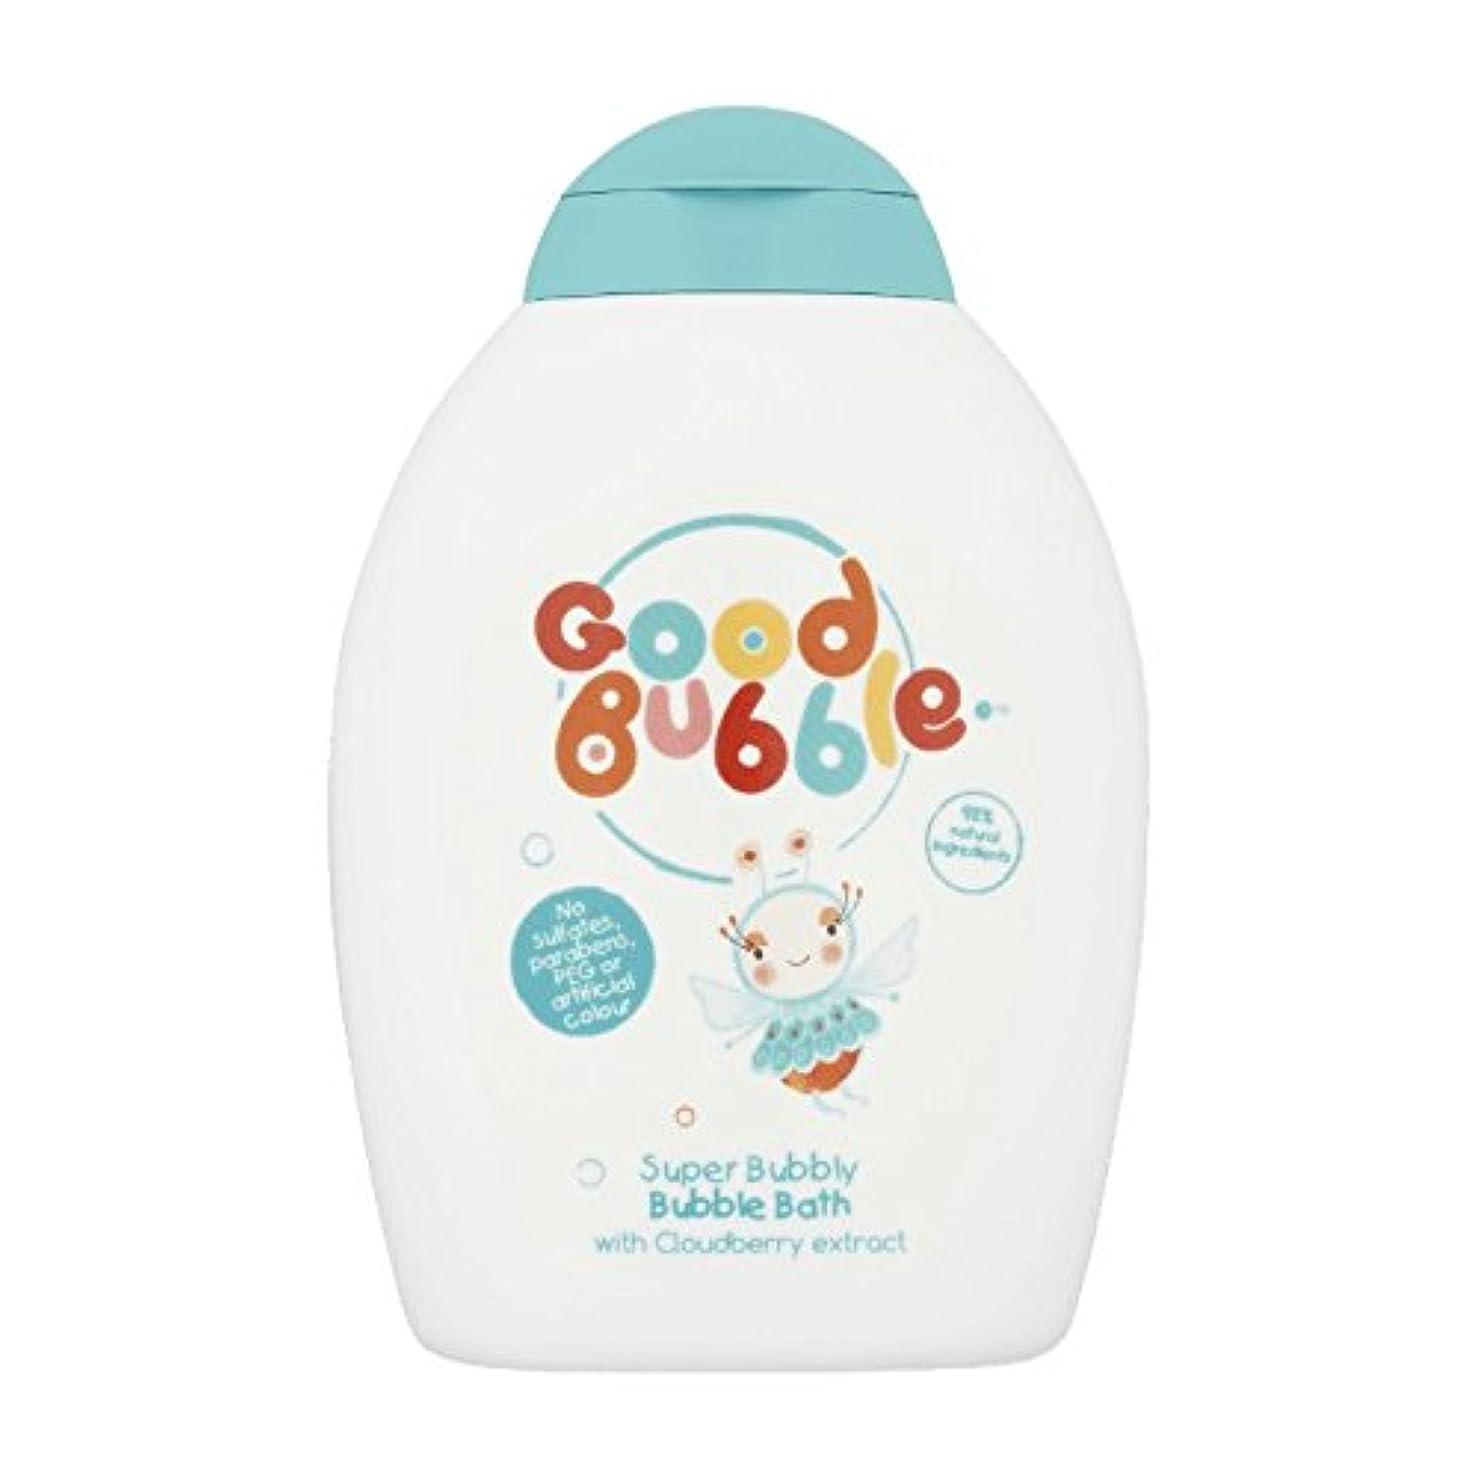 創始者ステートメント競争Good Bubble Cloudberry Bubble Bath 400ml (Pack of 2) - 良いバブルクラウドベリーバブルバス400ミリリットル (x2) [並行輸入品]